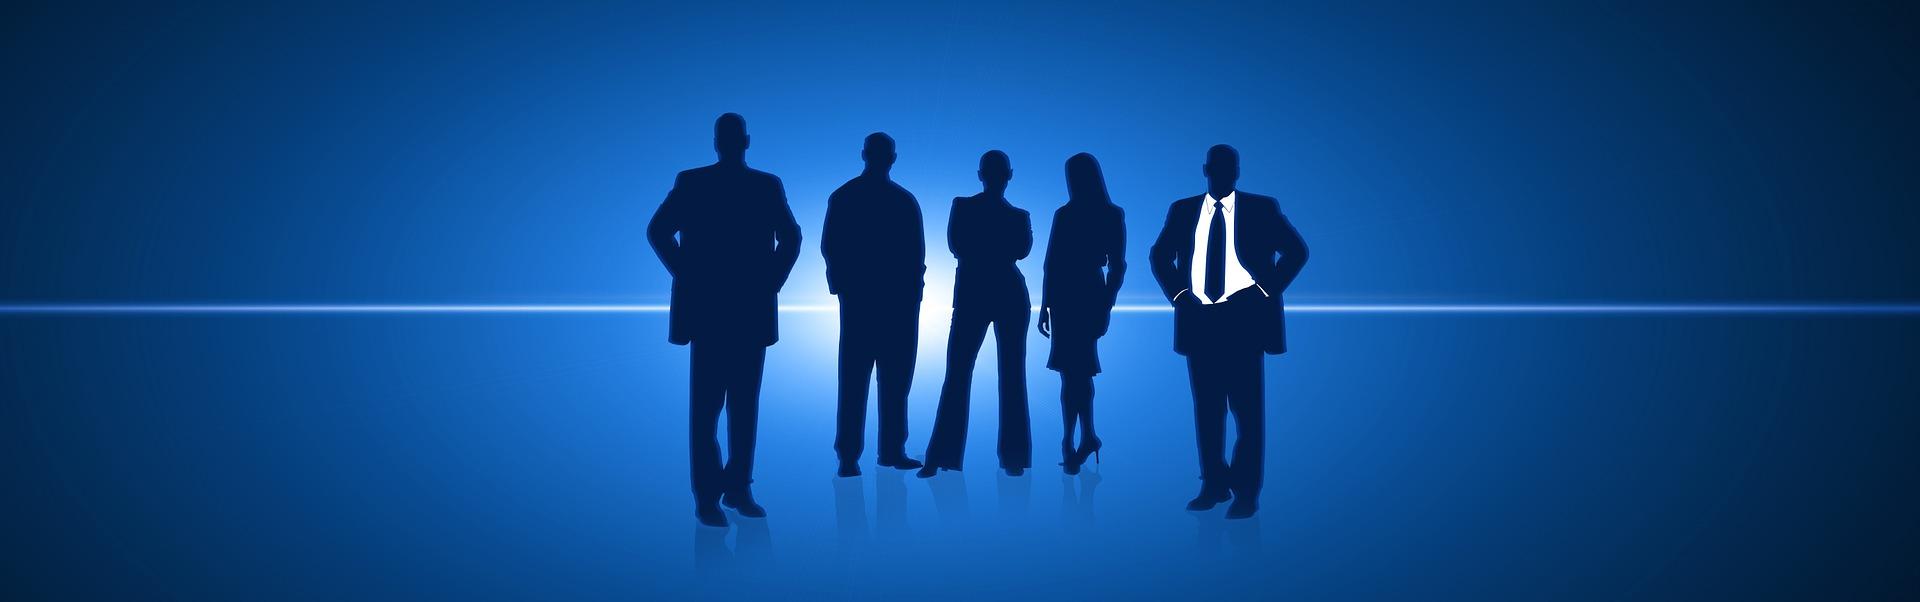 gruppo di lavoratori - jobs act